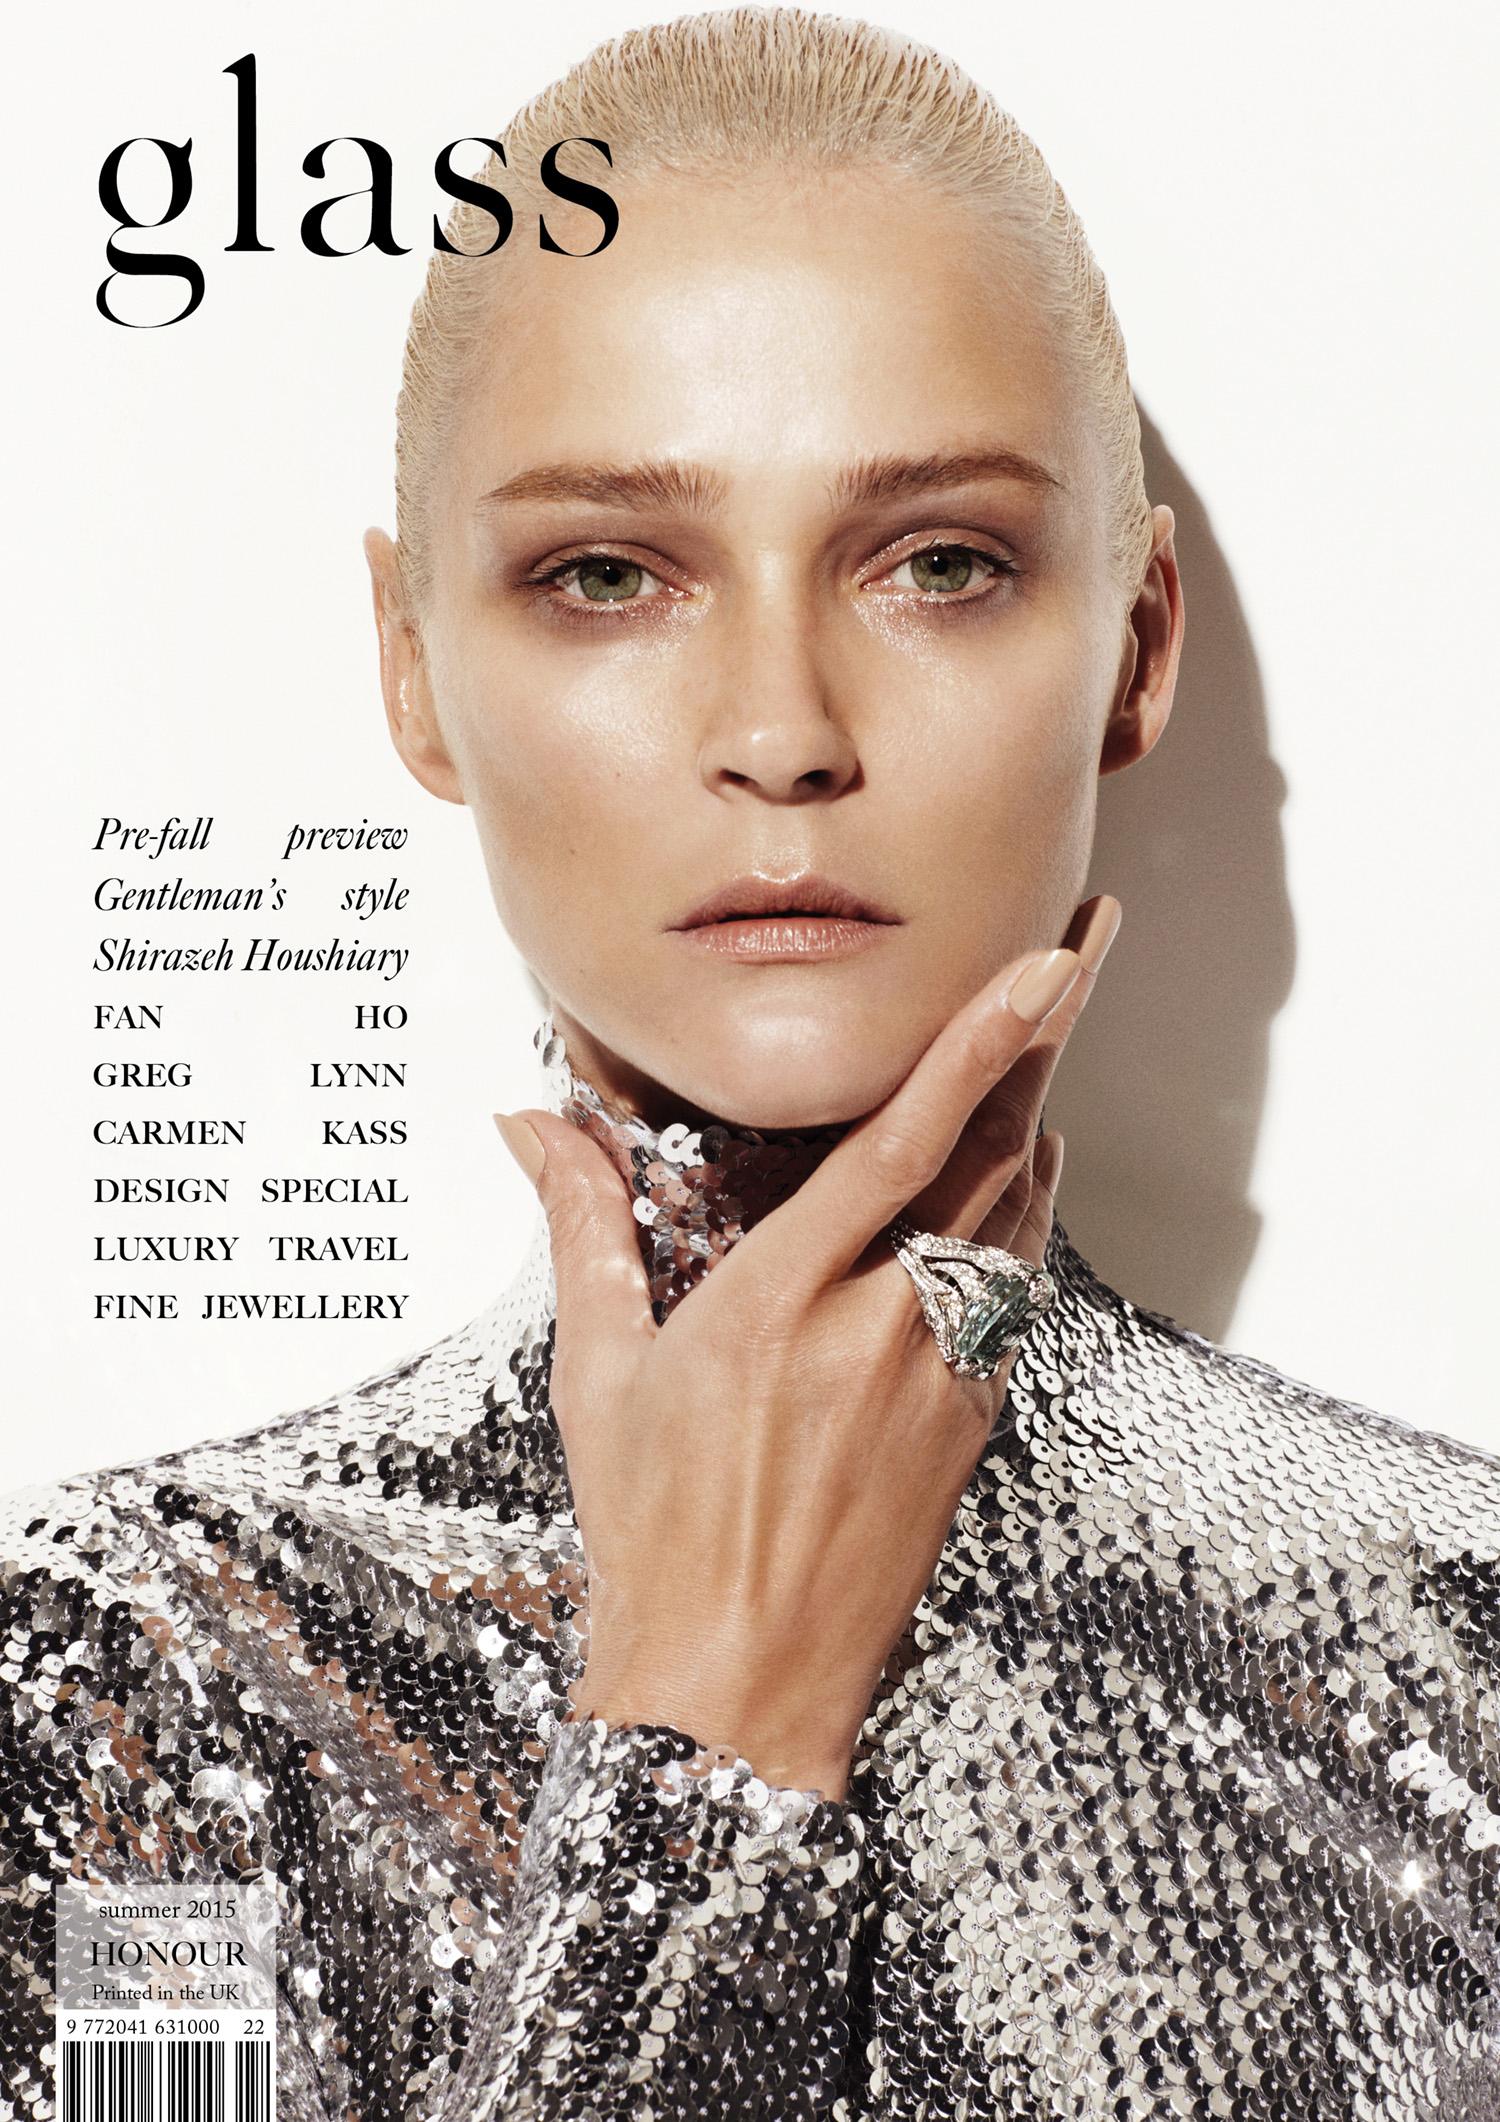 Glass Magazine 22 Covers2C S.jpg